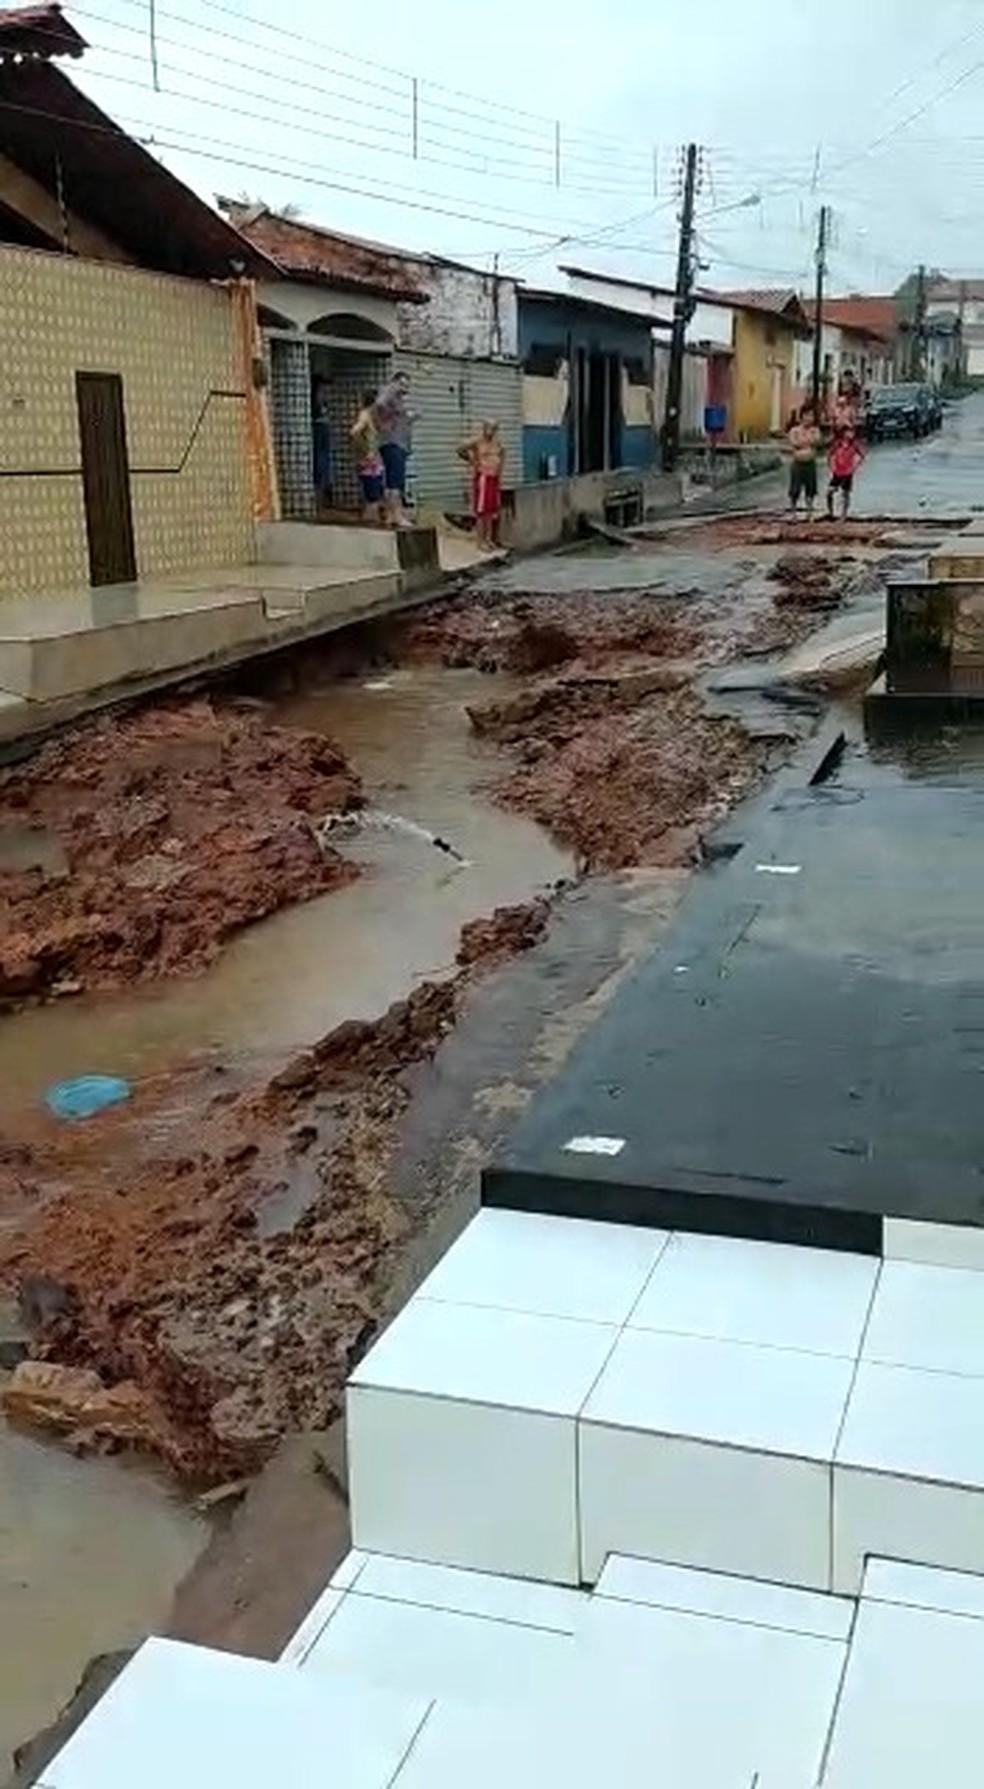 Após a chuva diminuir, moradores observam o estrago feito na mesa rua da imagem acima — Foto: Divulgação